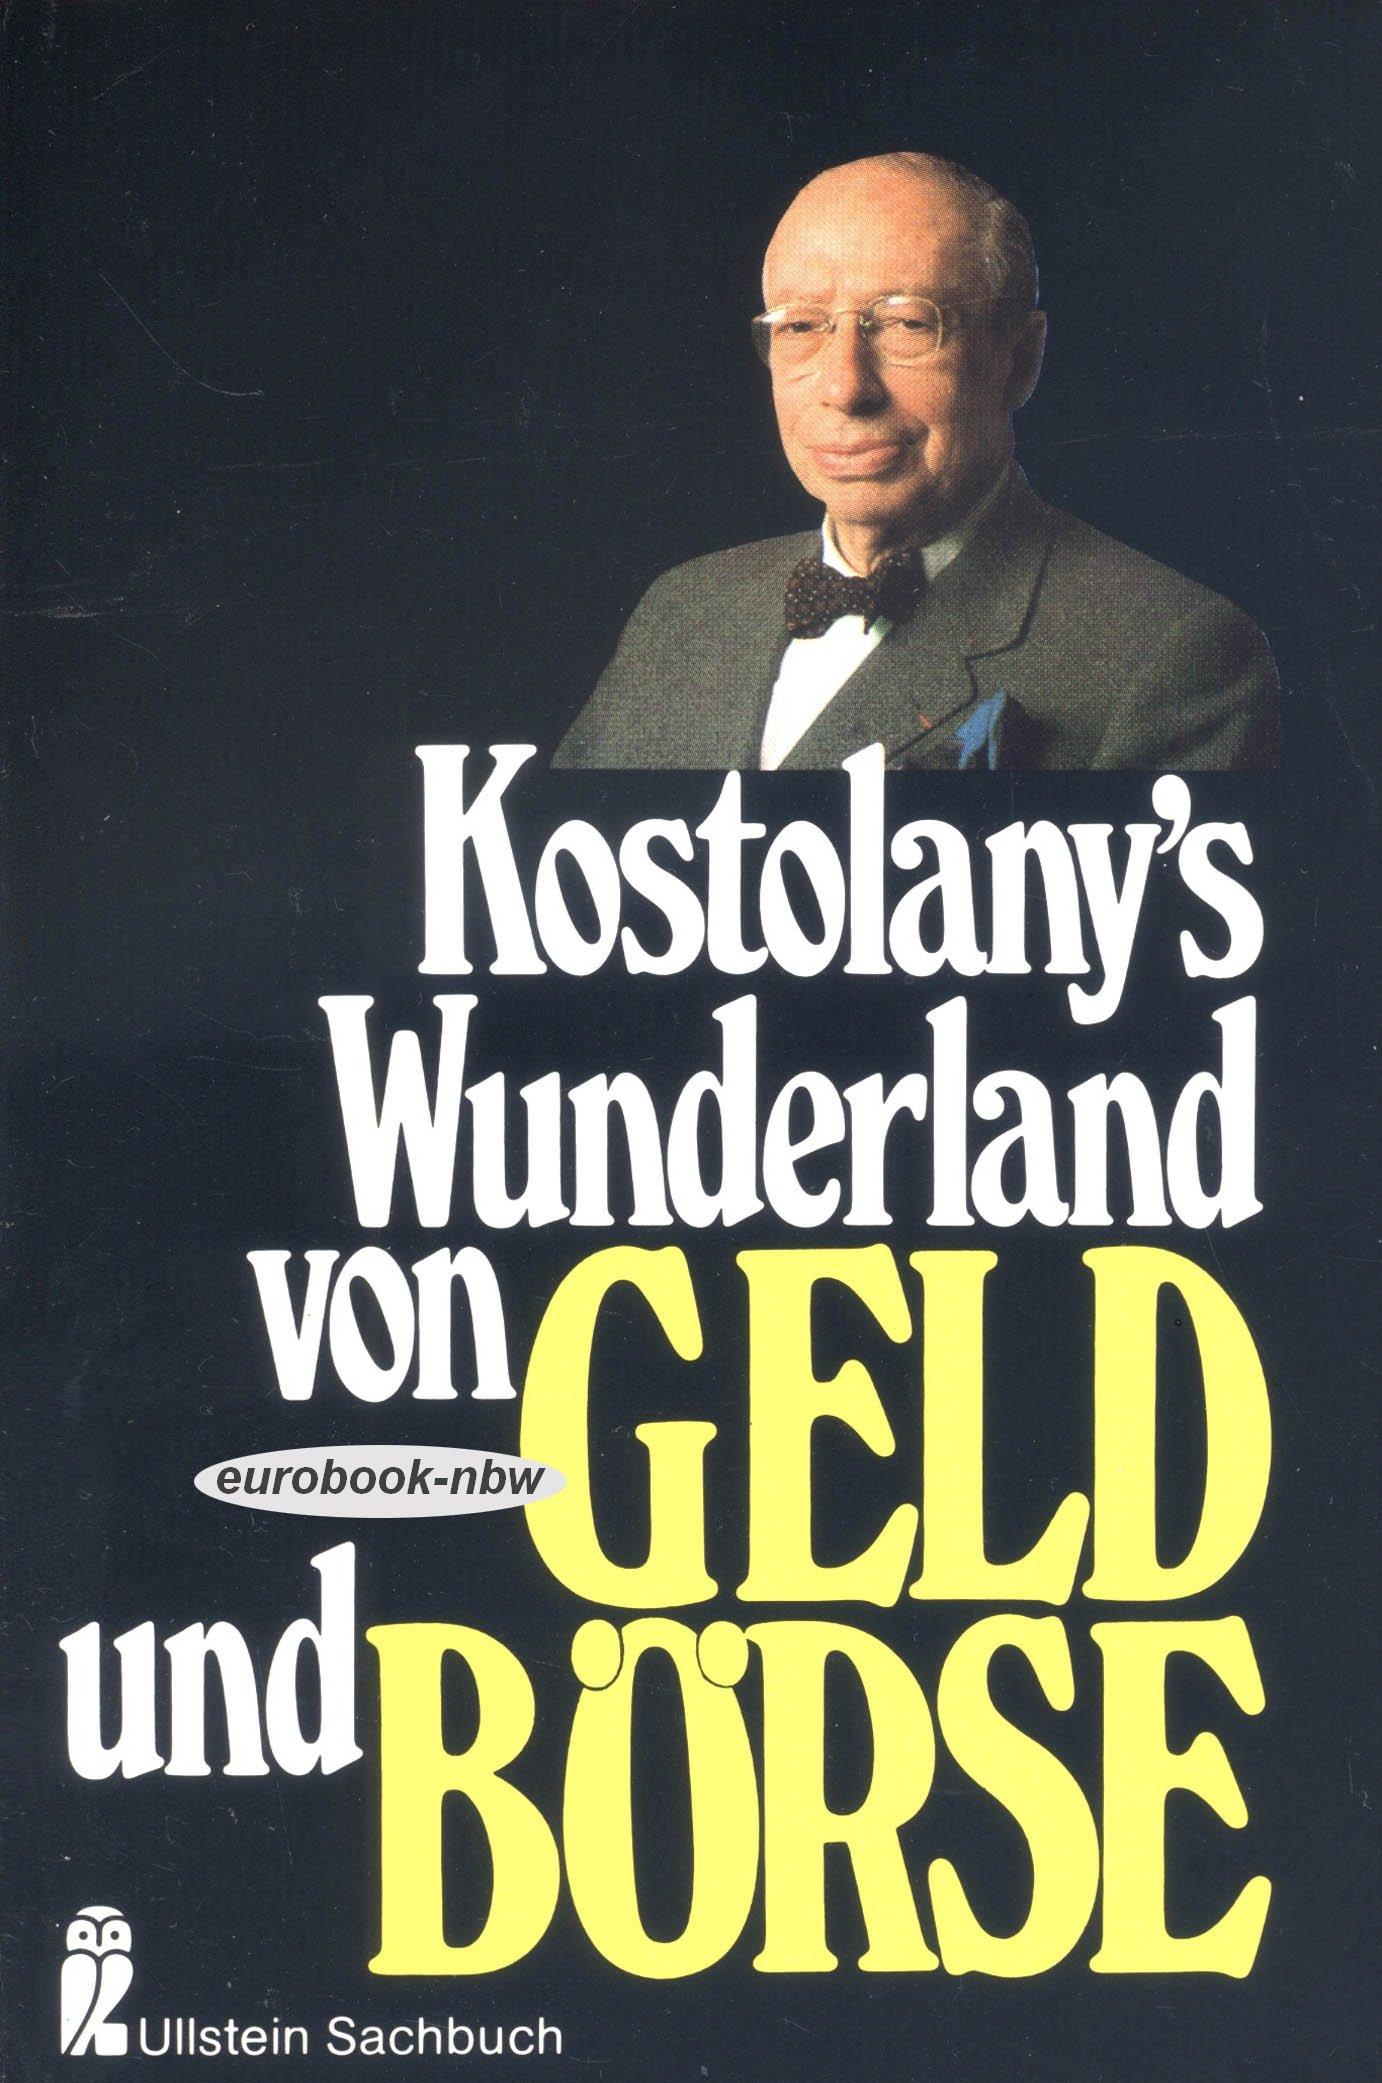 Kostolany's Wunderland von Geld und Börse (Mit 12 Abbildungen aus dem Privatbesitz des Autors) Taschenbuch – 1991 Seewlad Stuttgart B003WN7ALO